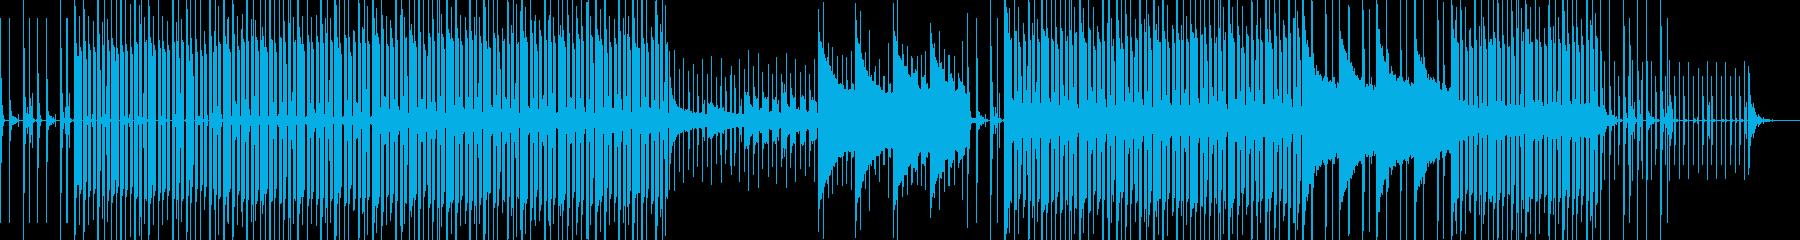 身近なものがグルーヴ感を作っていく曲の再生済みの波形